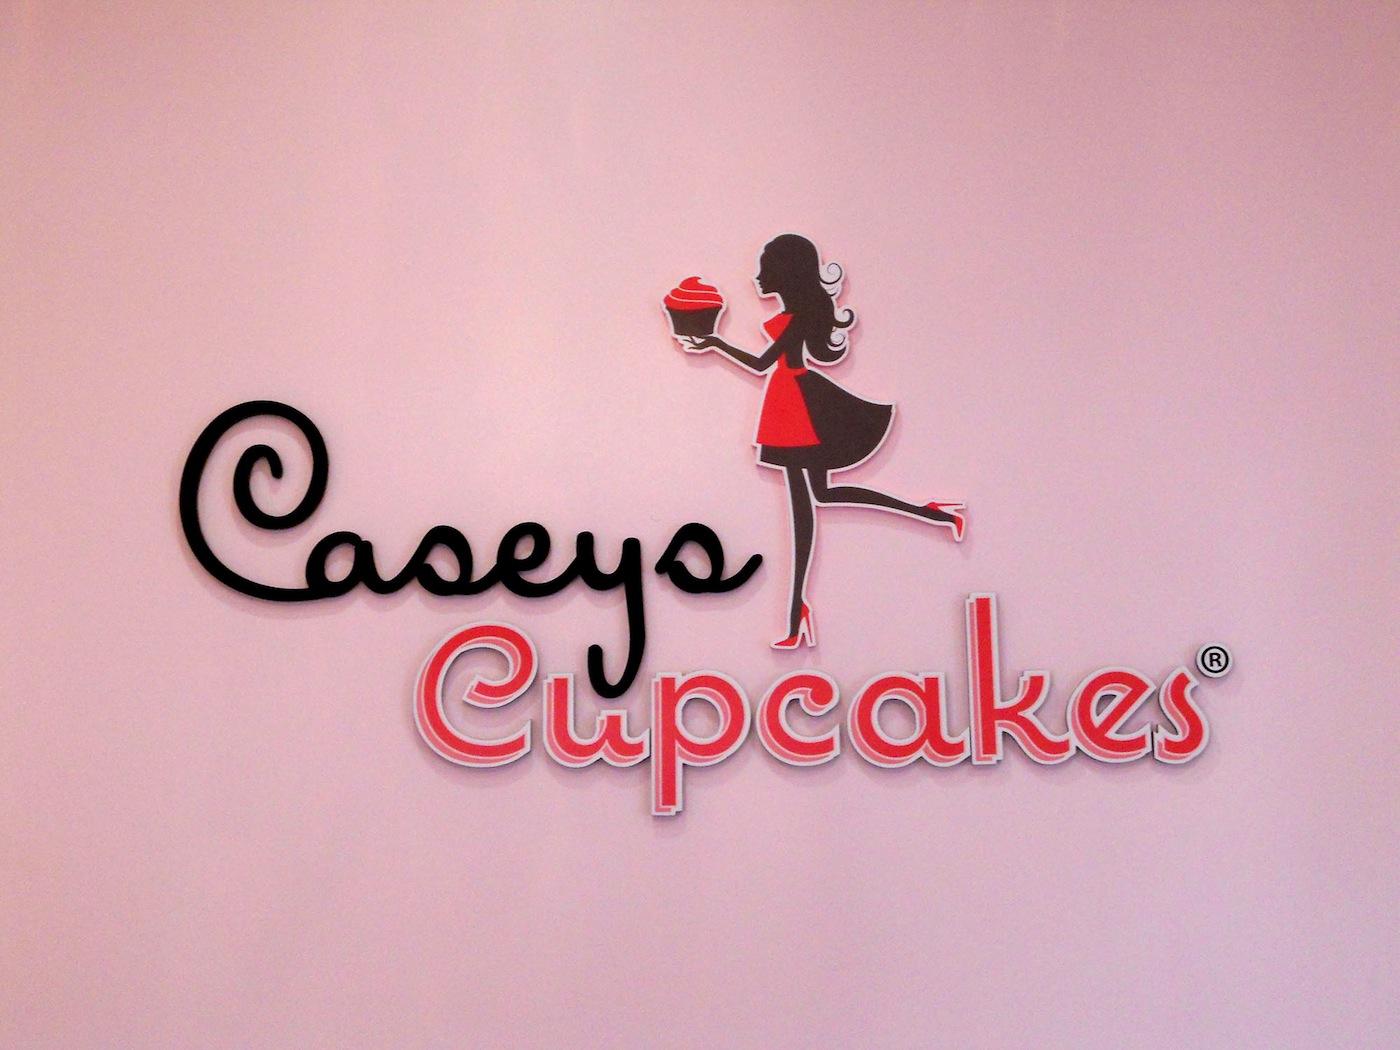 Caseys Cupcakes - Dimensional Acrylic Lobby Sign